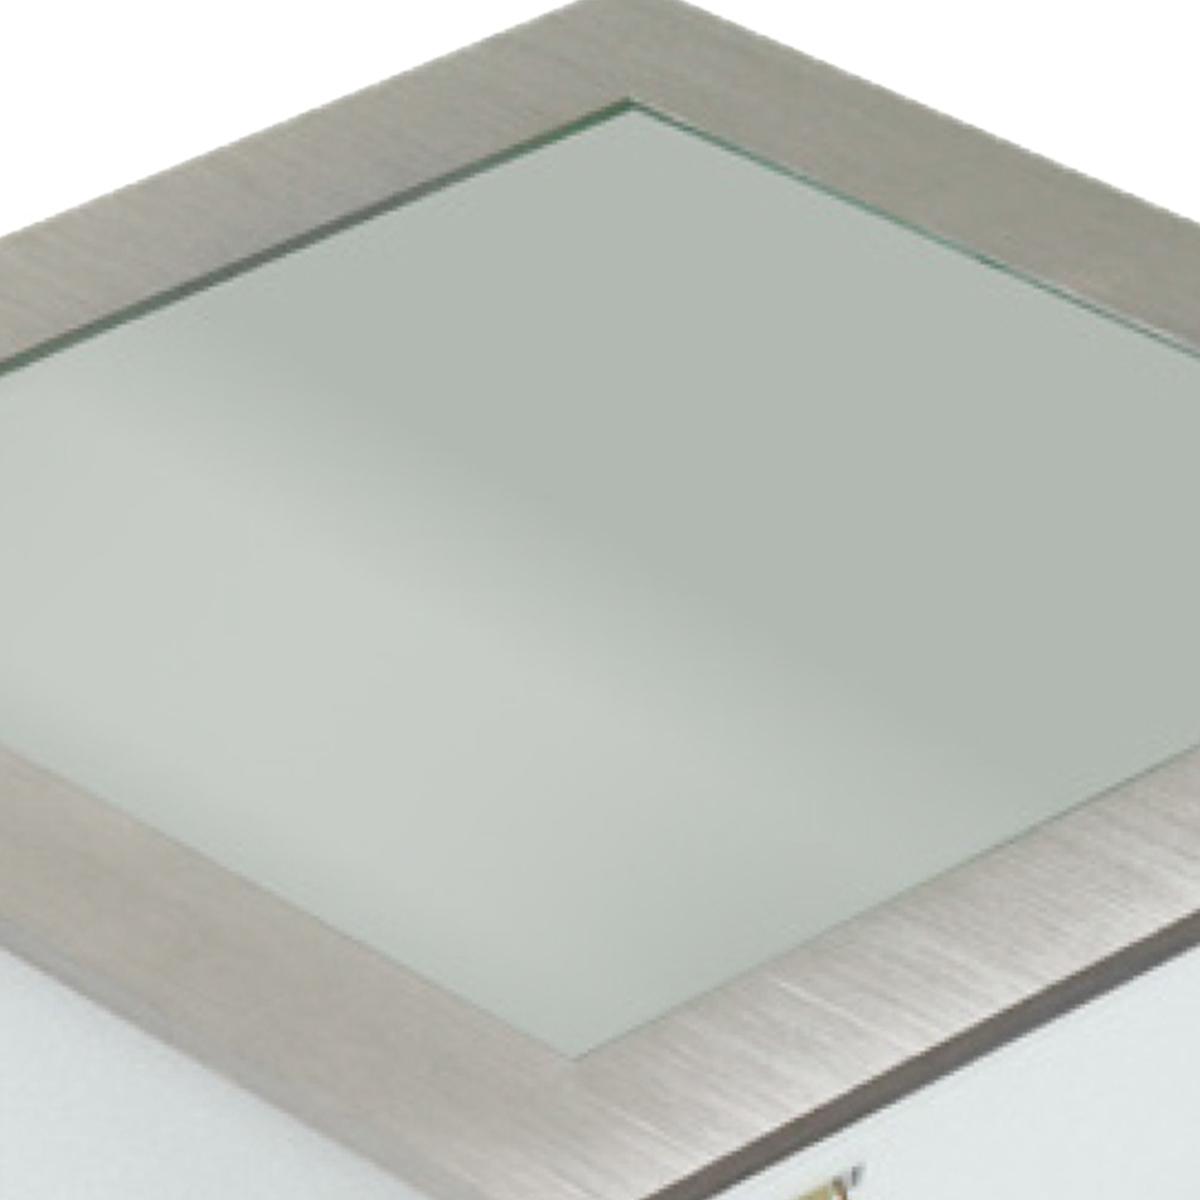 Plafon Space Emb. Quad. 25cm Alum. Vidro Fosco E-27 2 Lamp. Max 60w Escovado